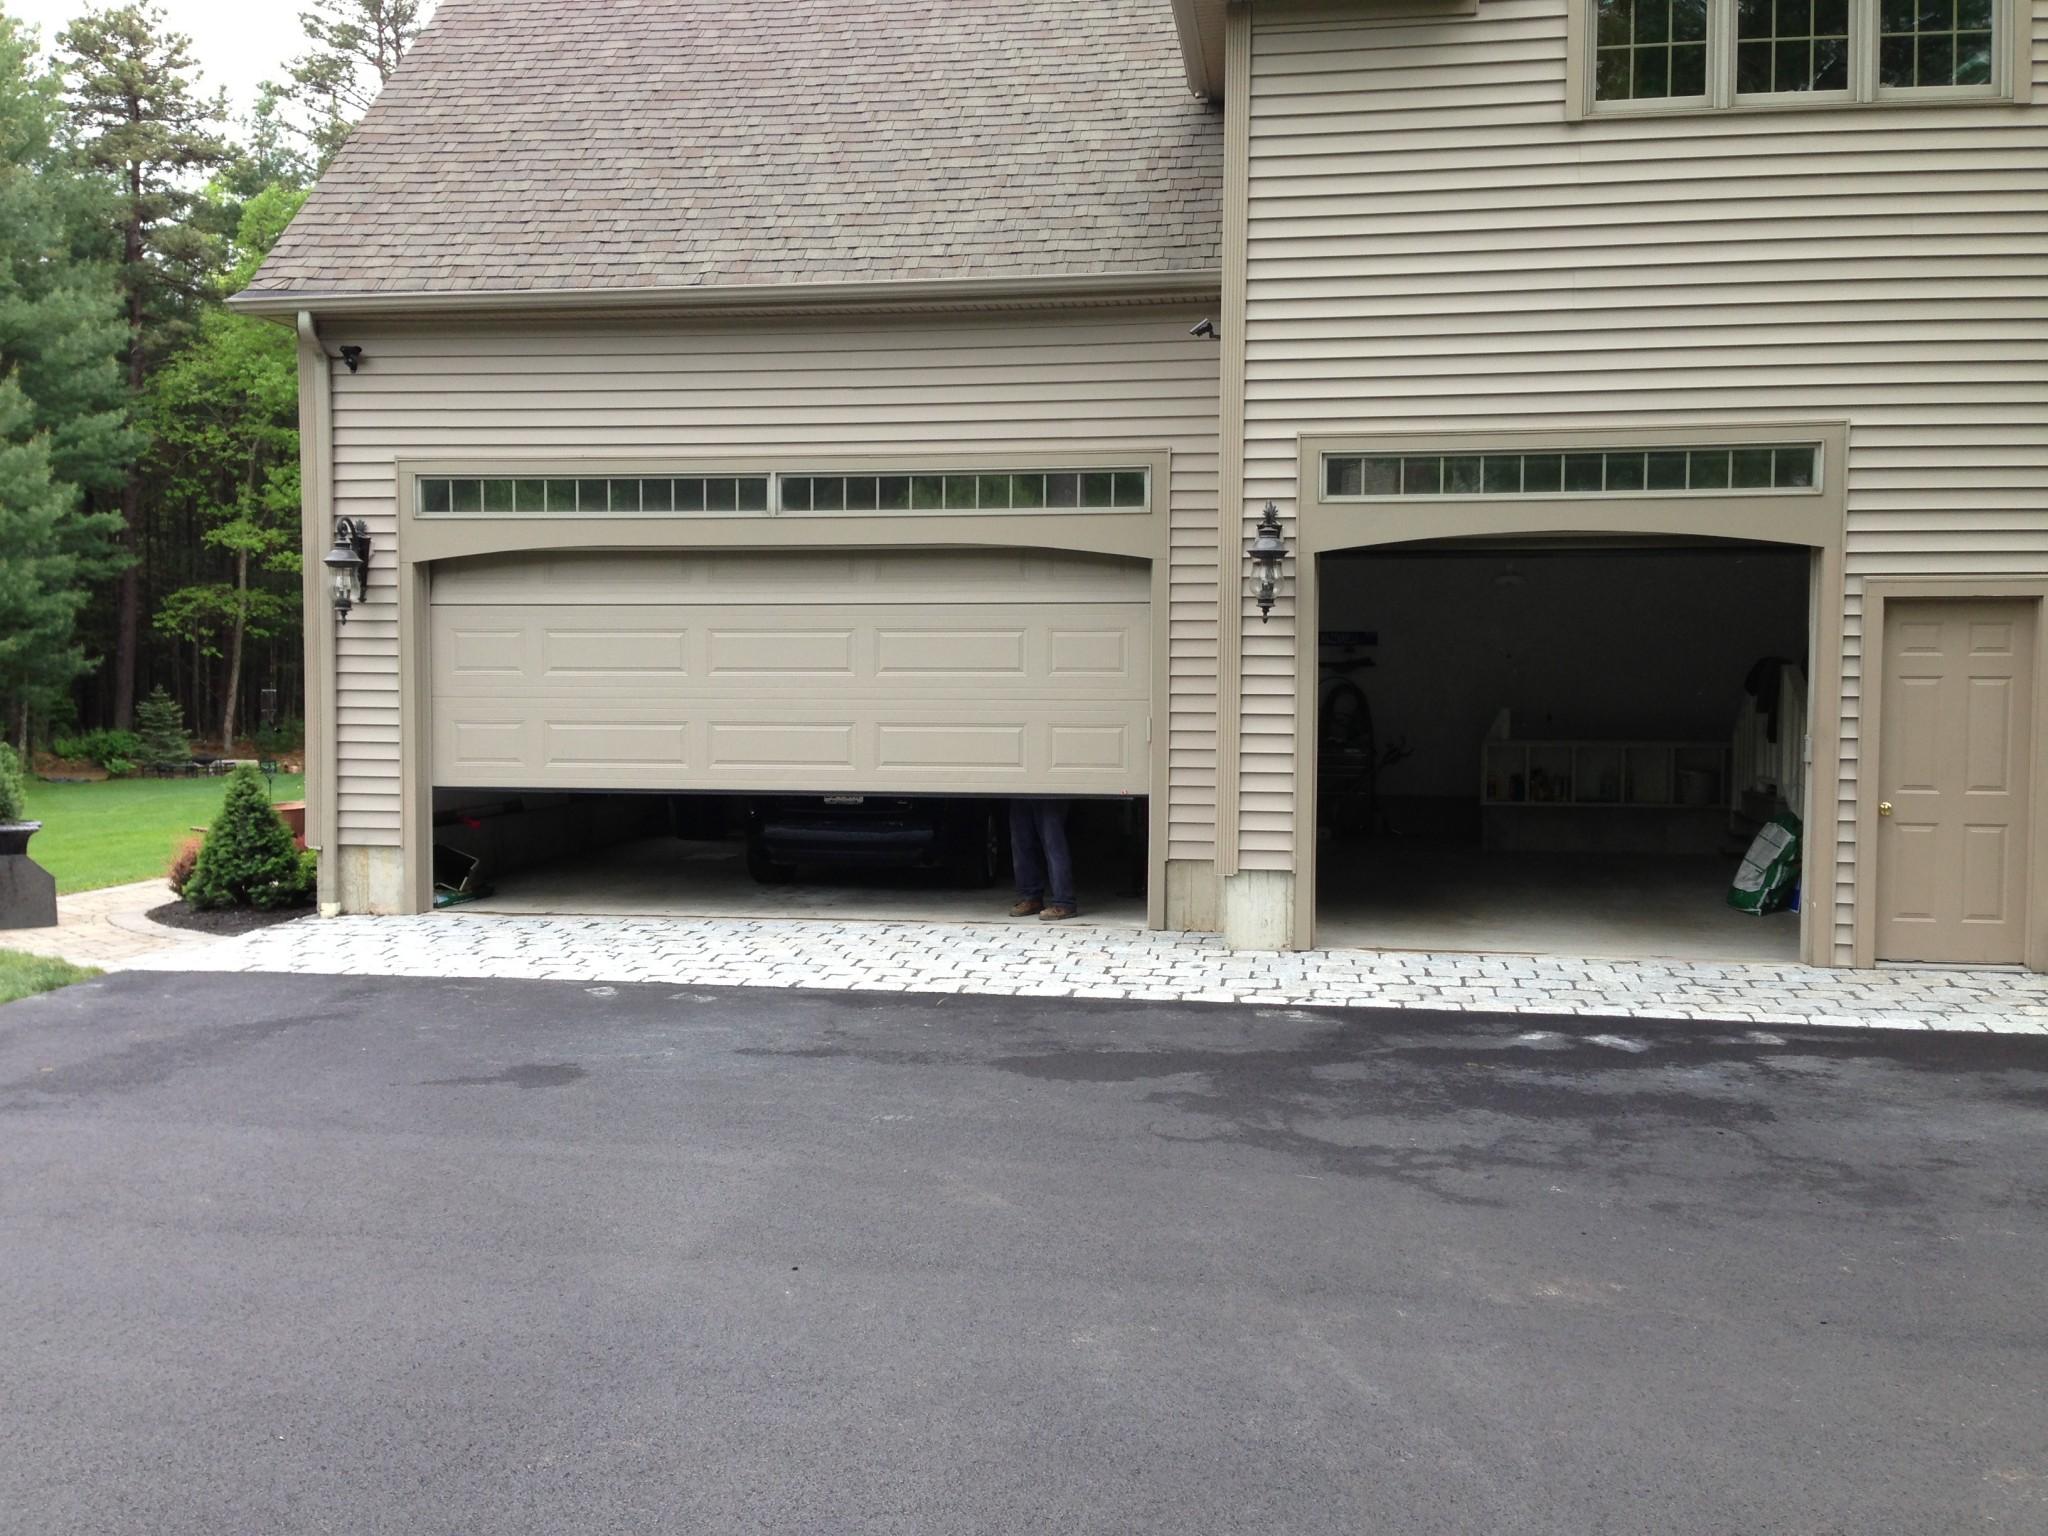 driveway-aprons_33003429706_o